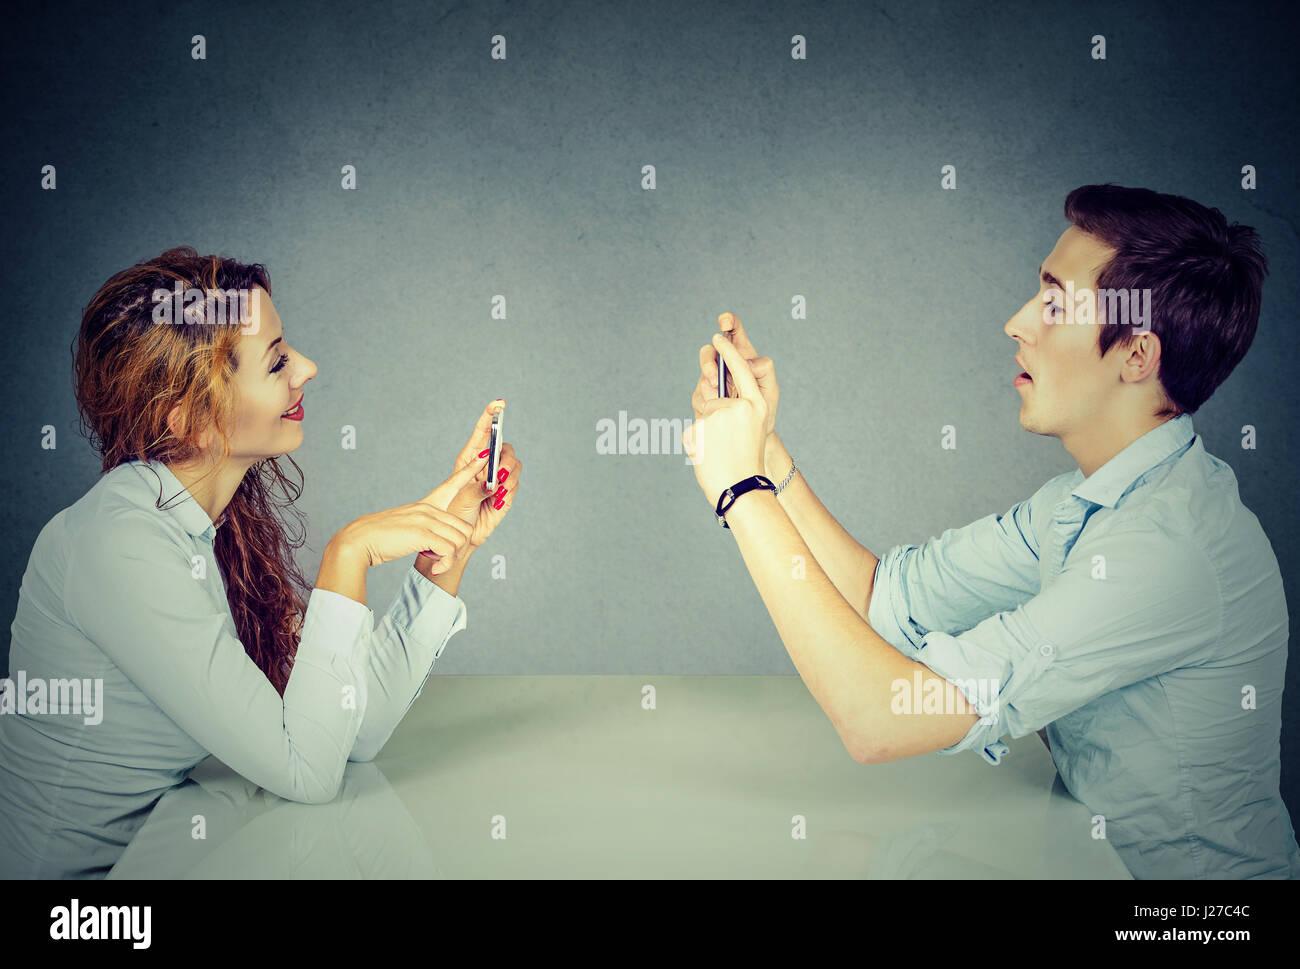 Joven Hombre y mujer sentada a la mesa con el uso de teléfonos móviles, los mensajes de texto a través Imagen De Stock